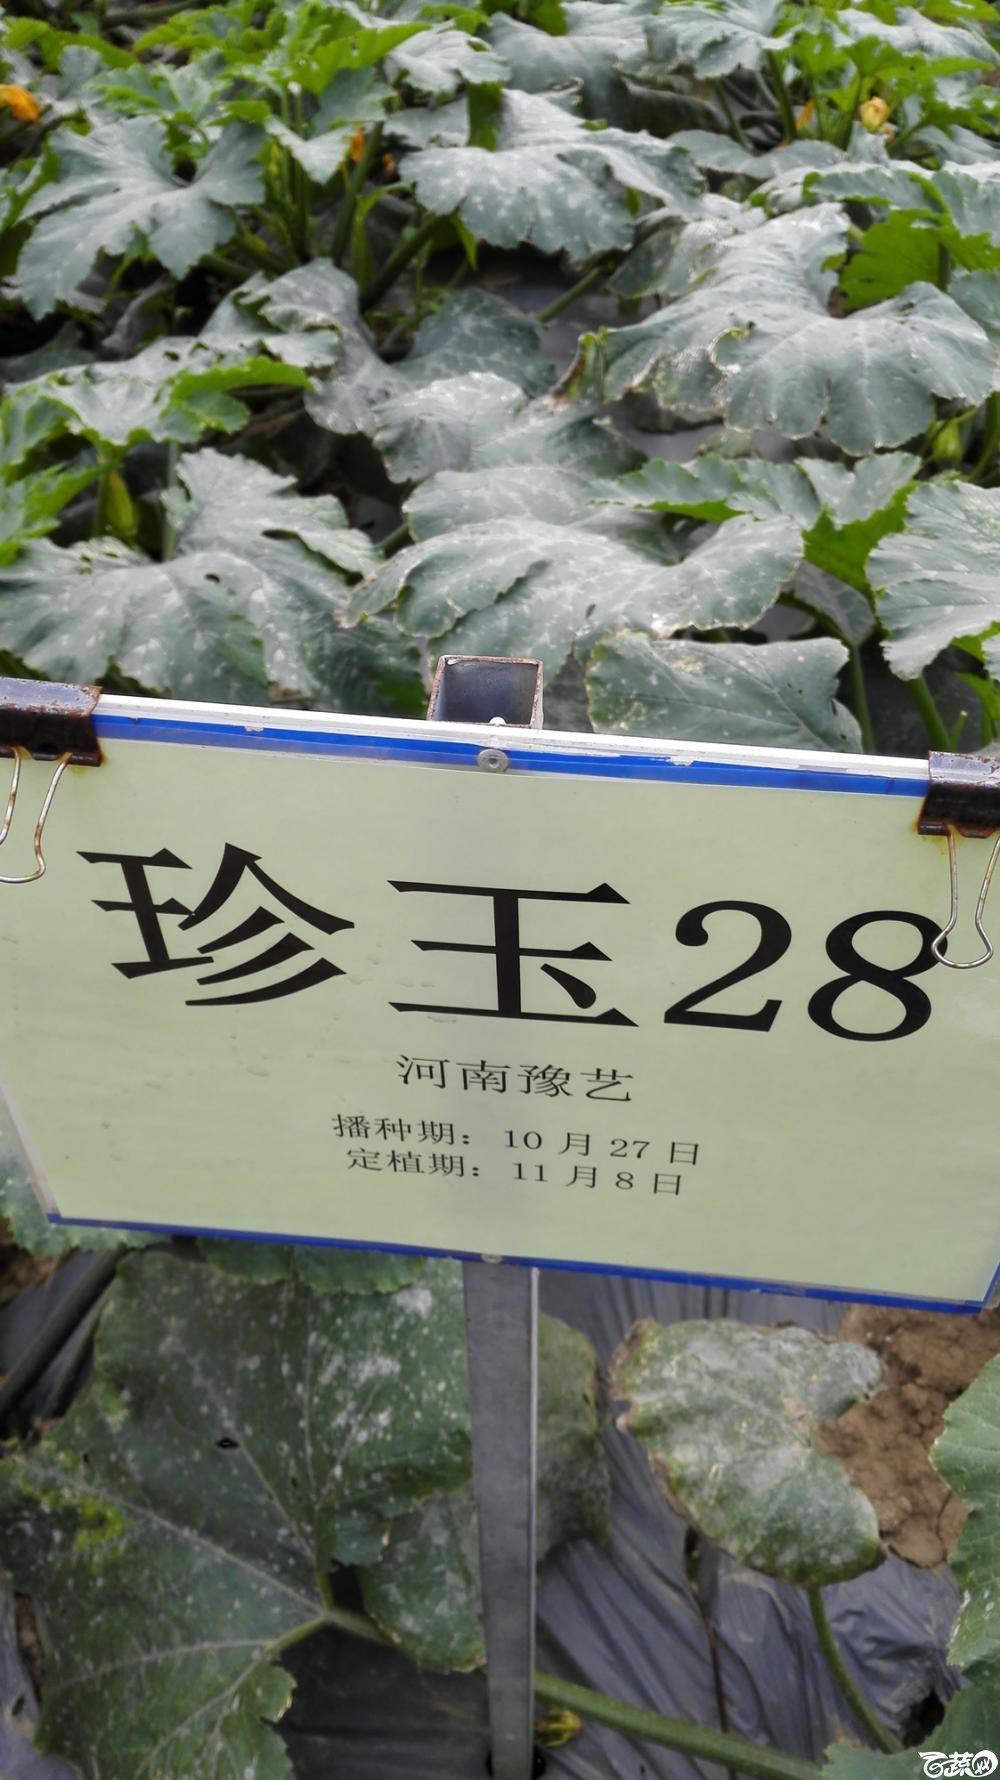 2014年12月8号中山蔬菜新品种展示会_瓜类_017.jpg